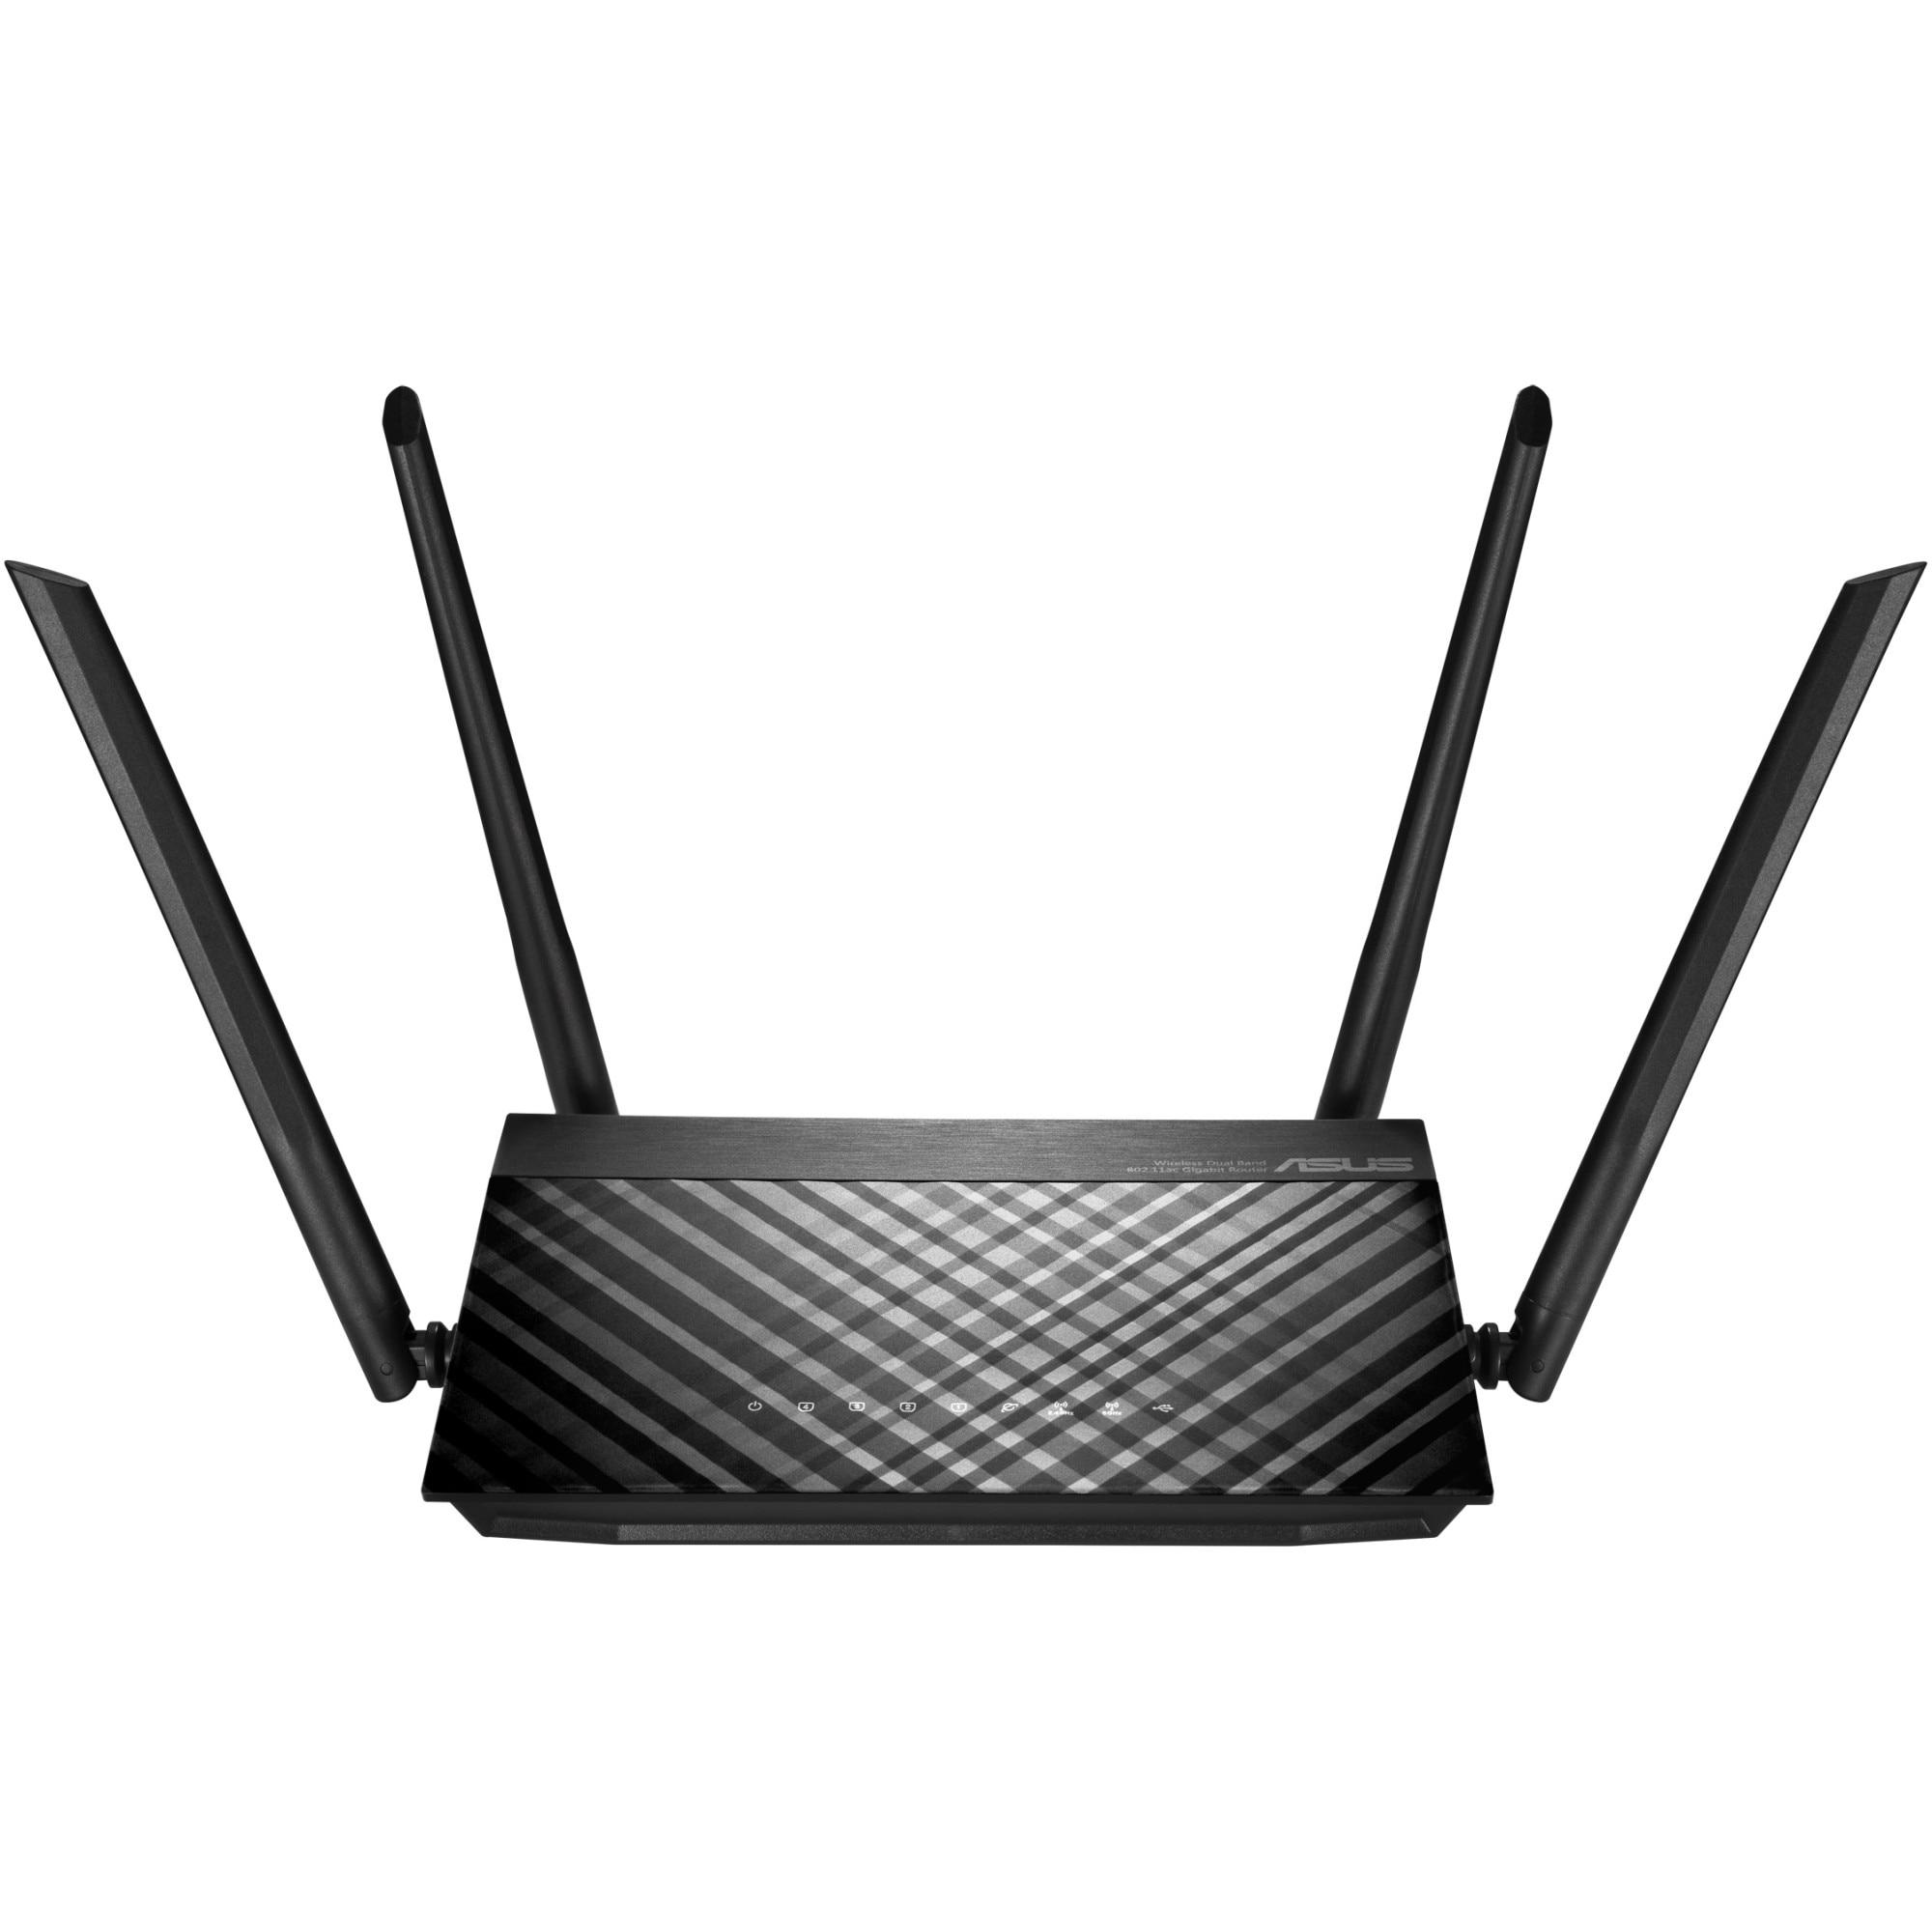 Fotografie Router ASUS RT-AC58U, AC1300, Gigabit, USB 2.0